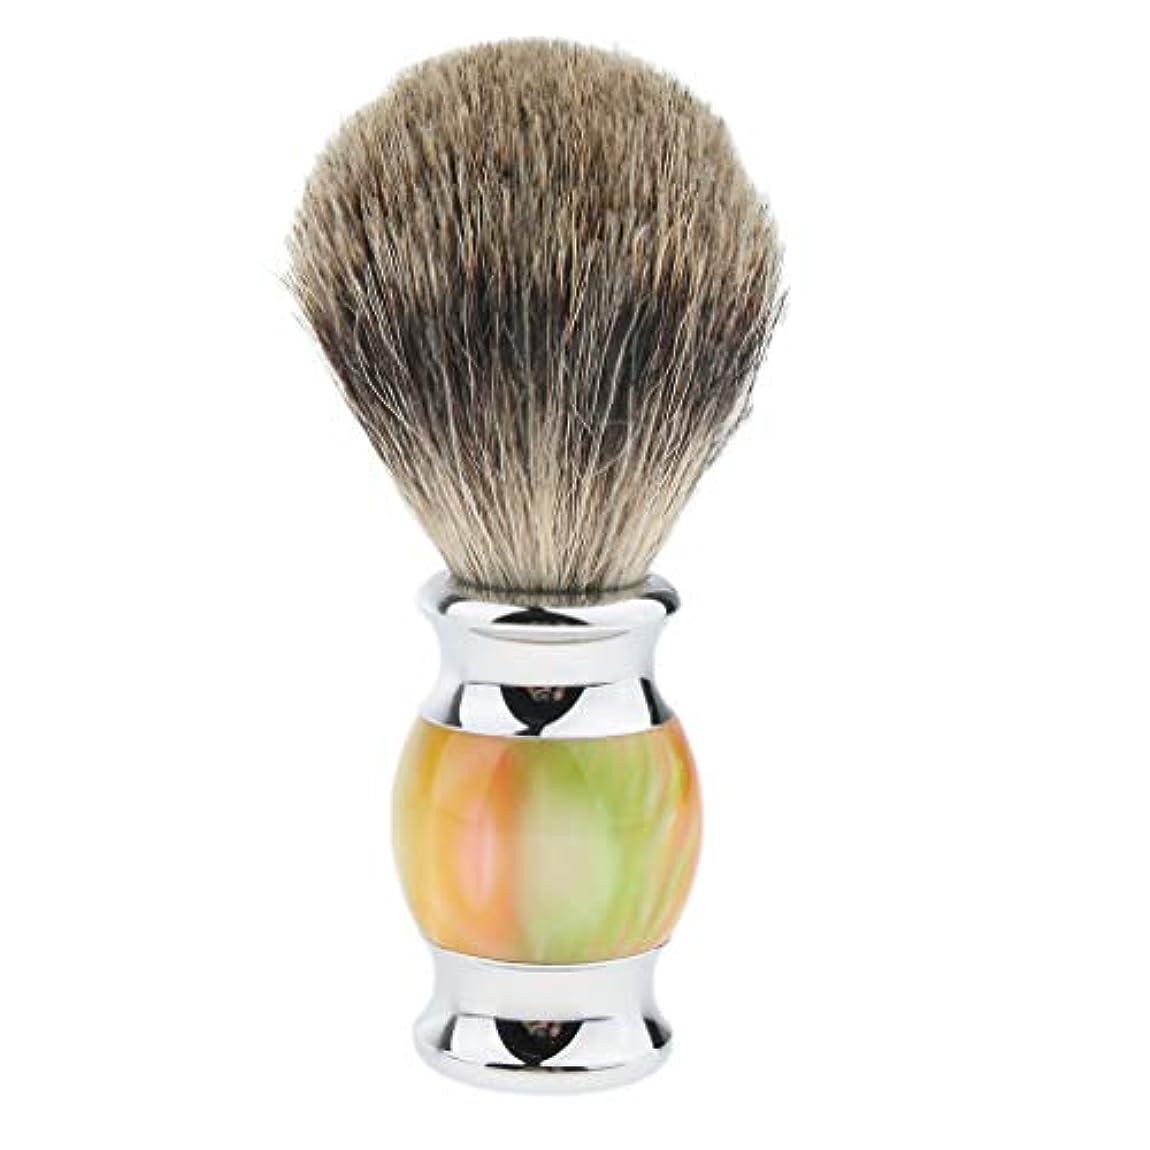 奪う正確さ応用シェービングブラシ メンズ 髭剃り ひげ剃り ひげそり 美容 理容 多色選べ - 01